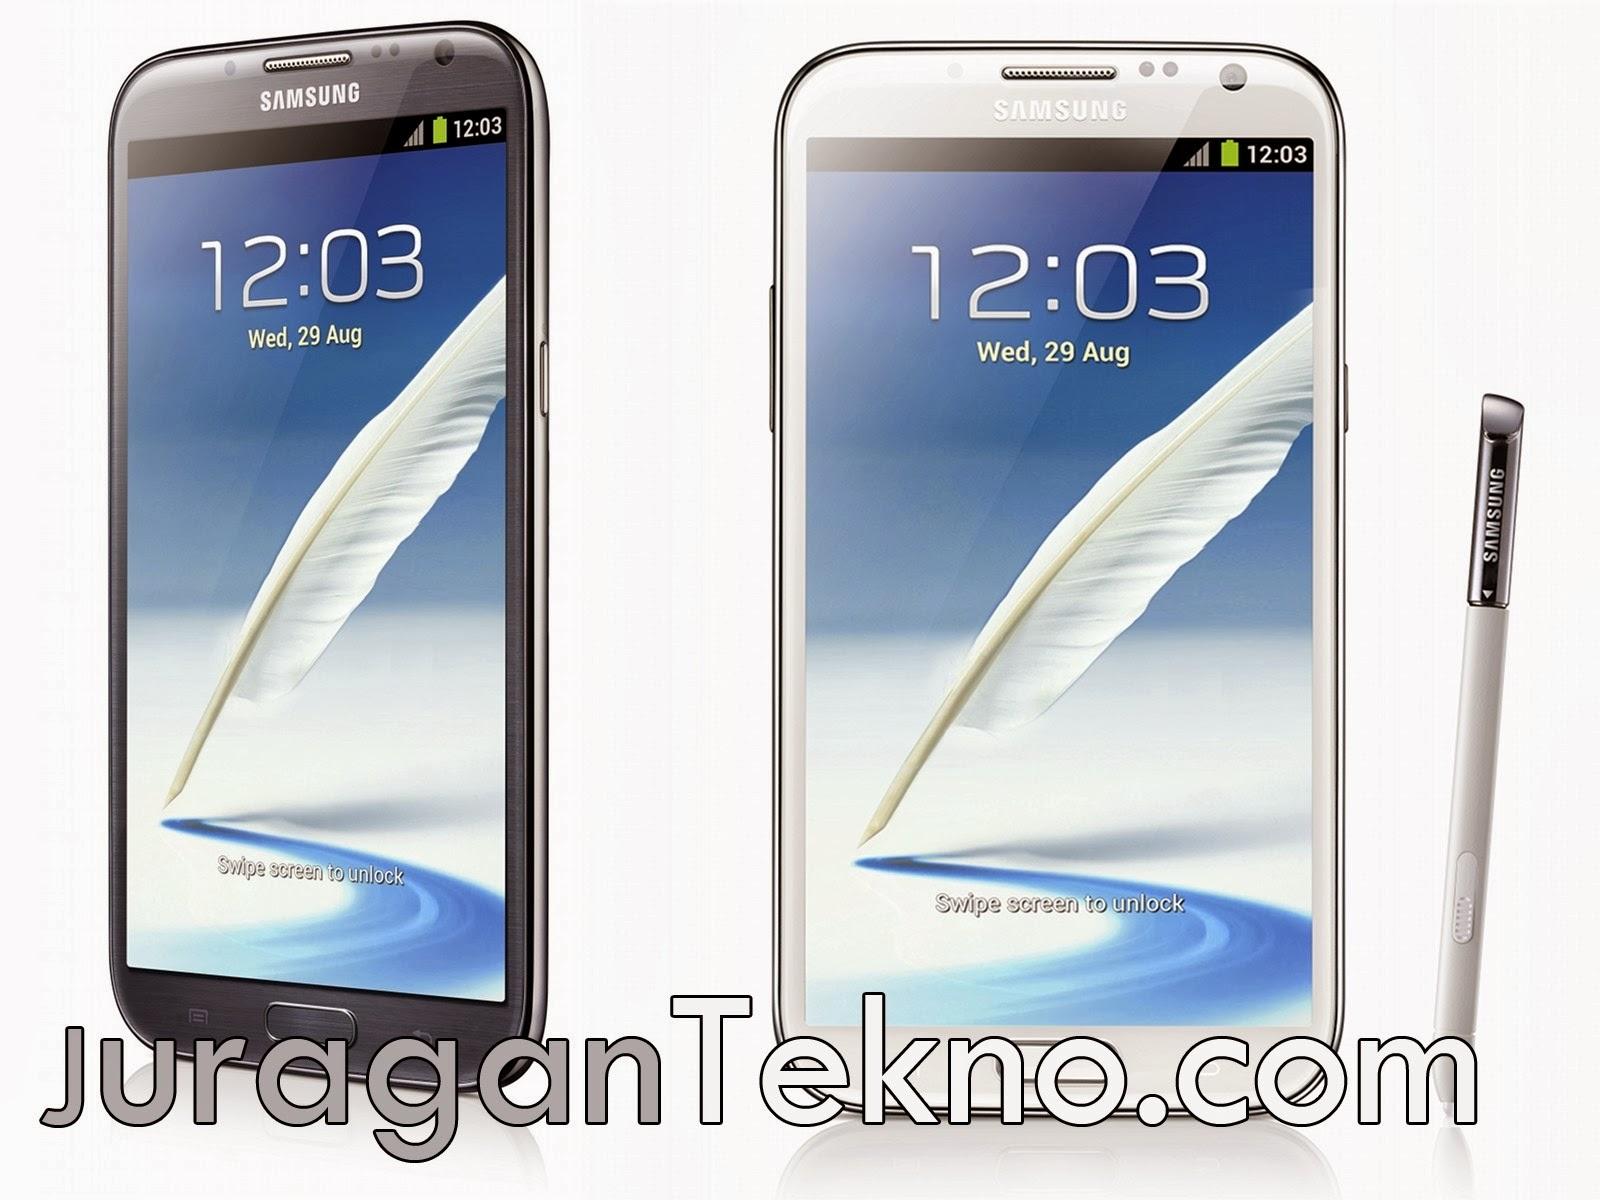 Daftar Harga Handphone Samsung Terbaru Januari 2014